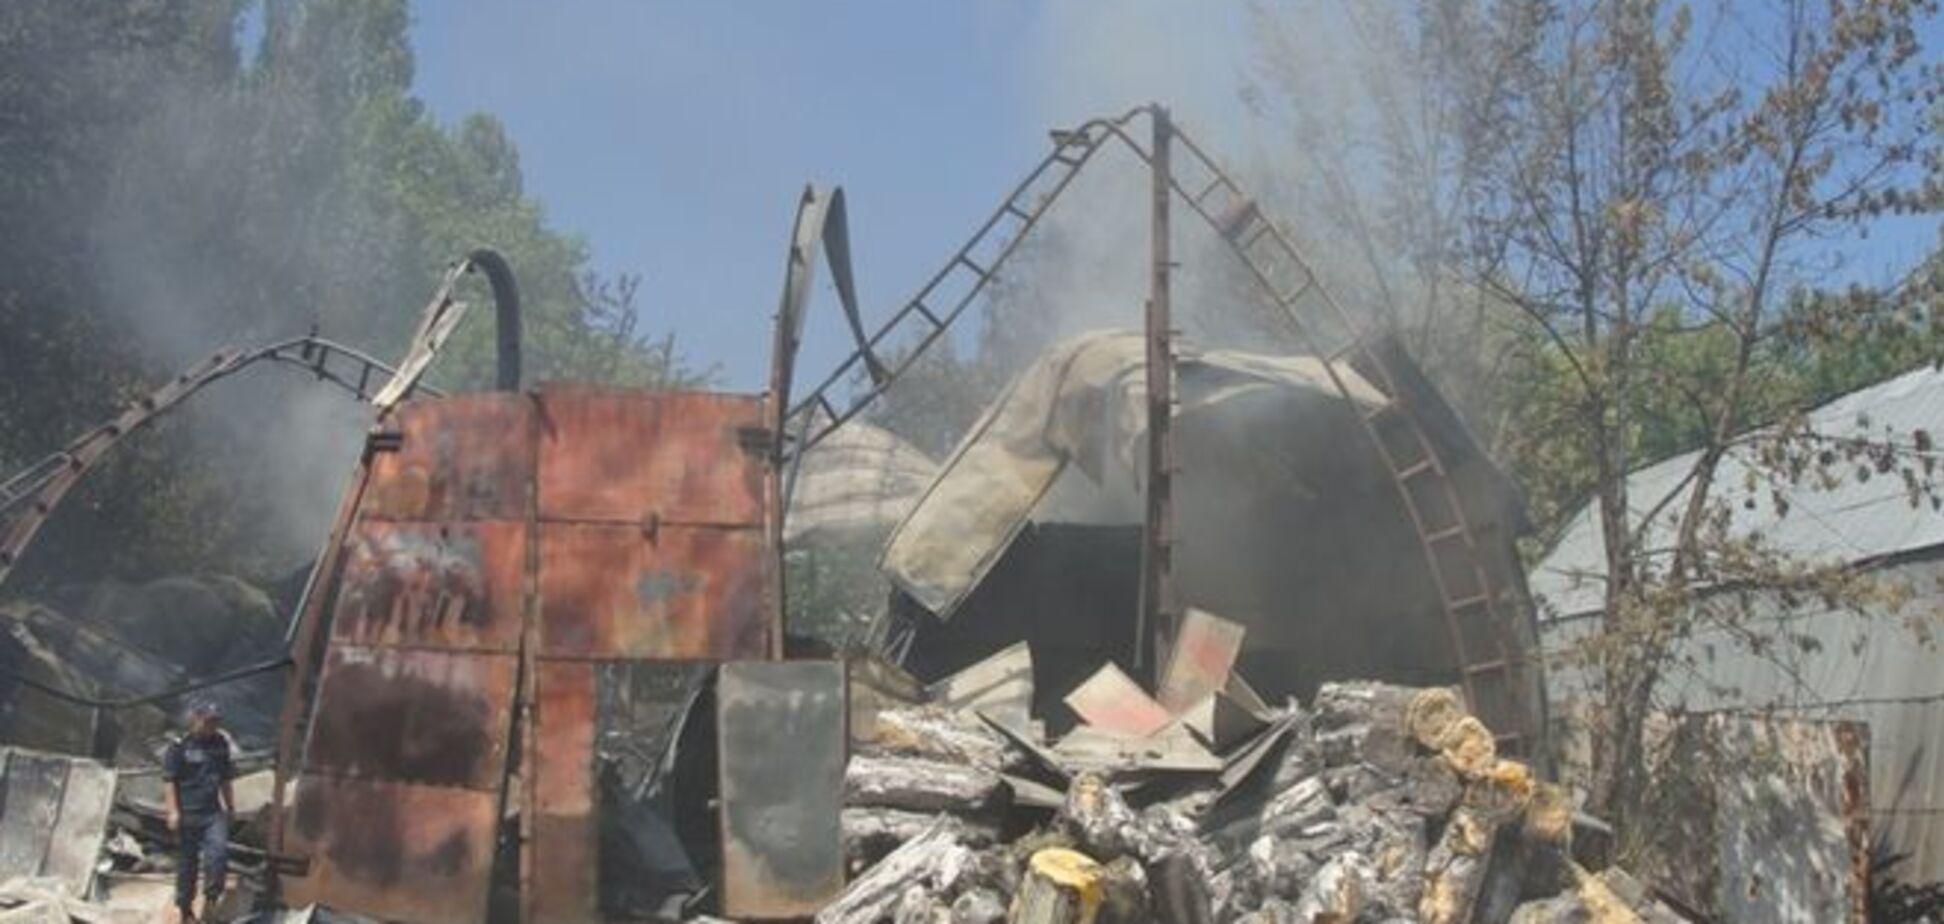 Масштабный пожар в Броварах мог быть вызван поджогом - версия